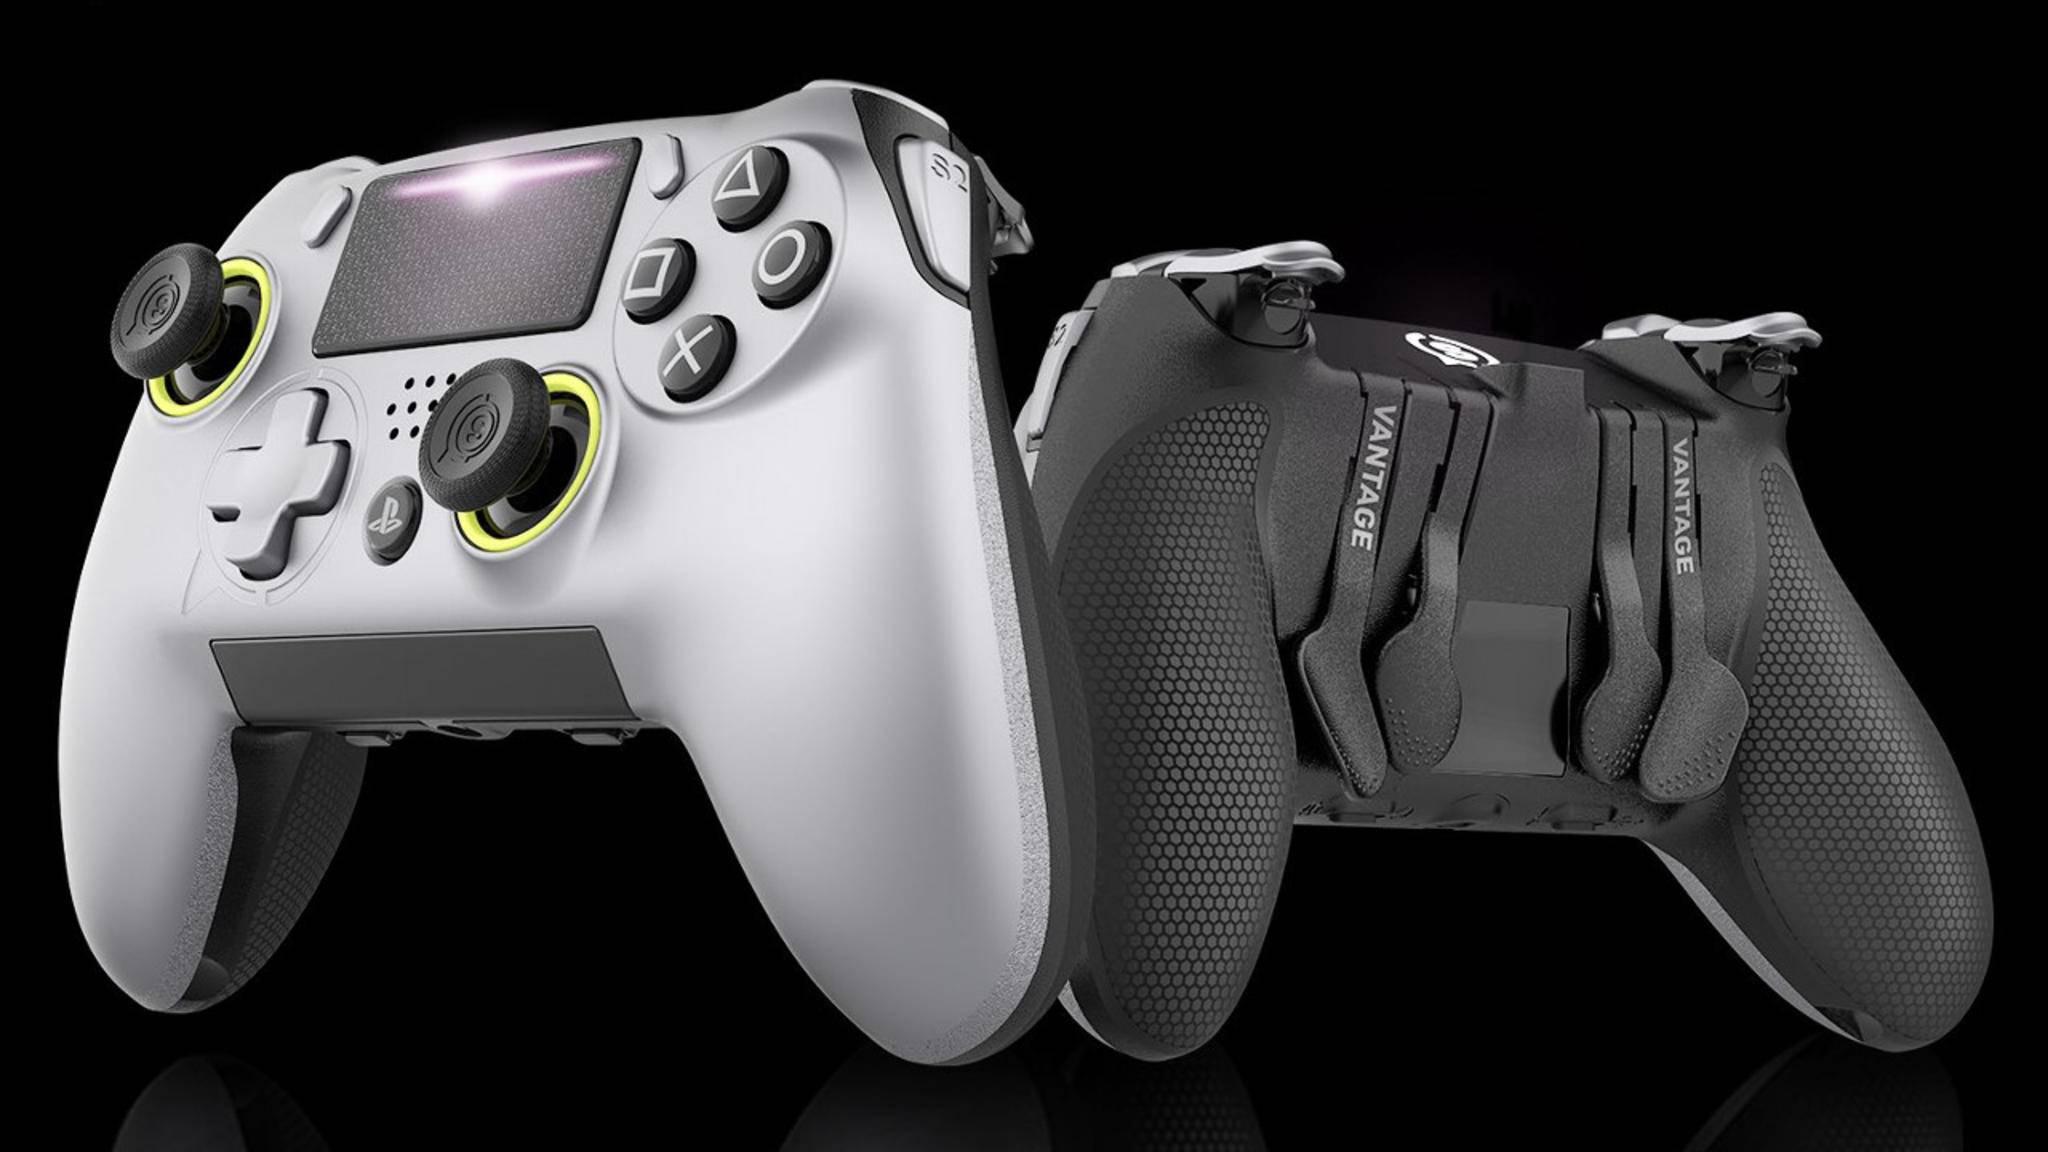 Das Design dieses neuen Pro-Controllers für die PS4 erscheint vertraut...